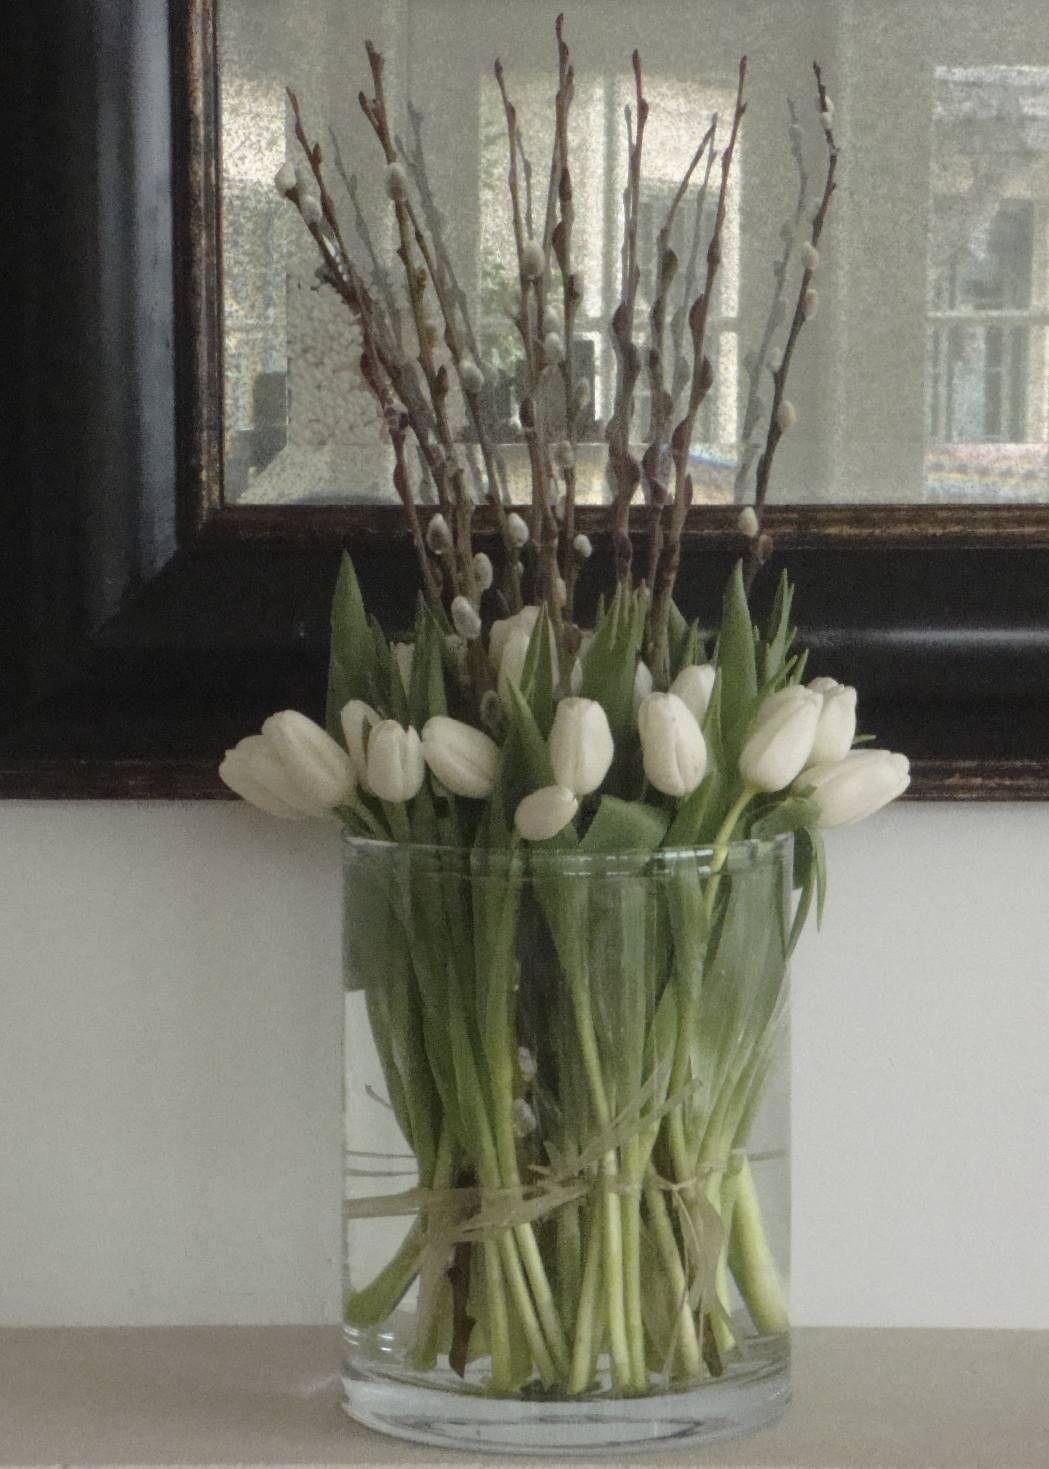 perfekt f r den fr hling als deko f r die wohnung pflanzen pinterest fr hling deko und. Black Bedroom Furniture Sets. Home Design Ideas